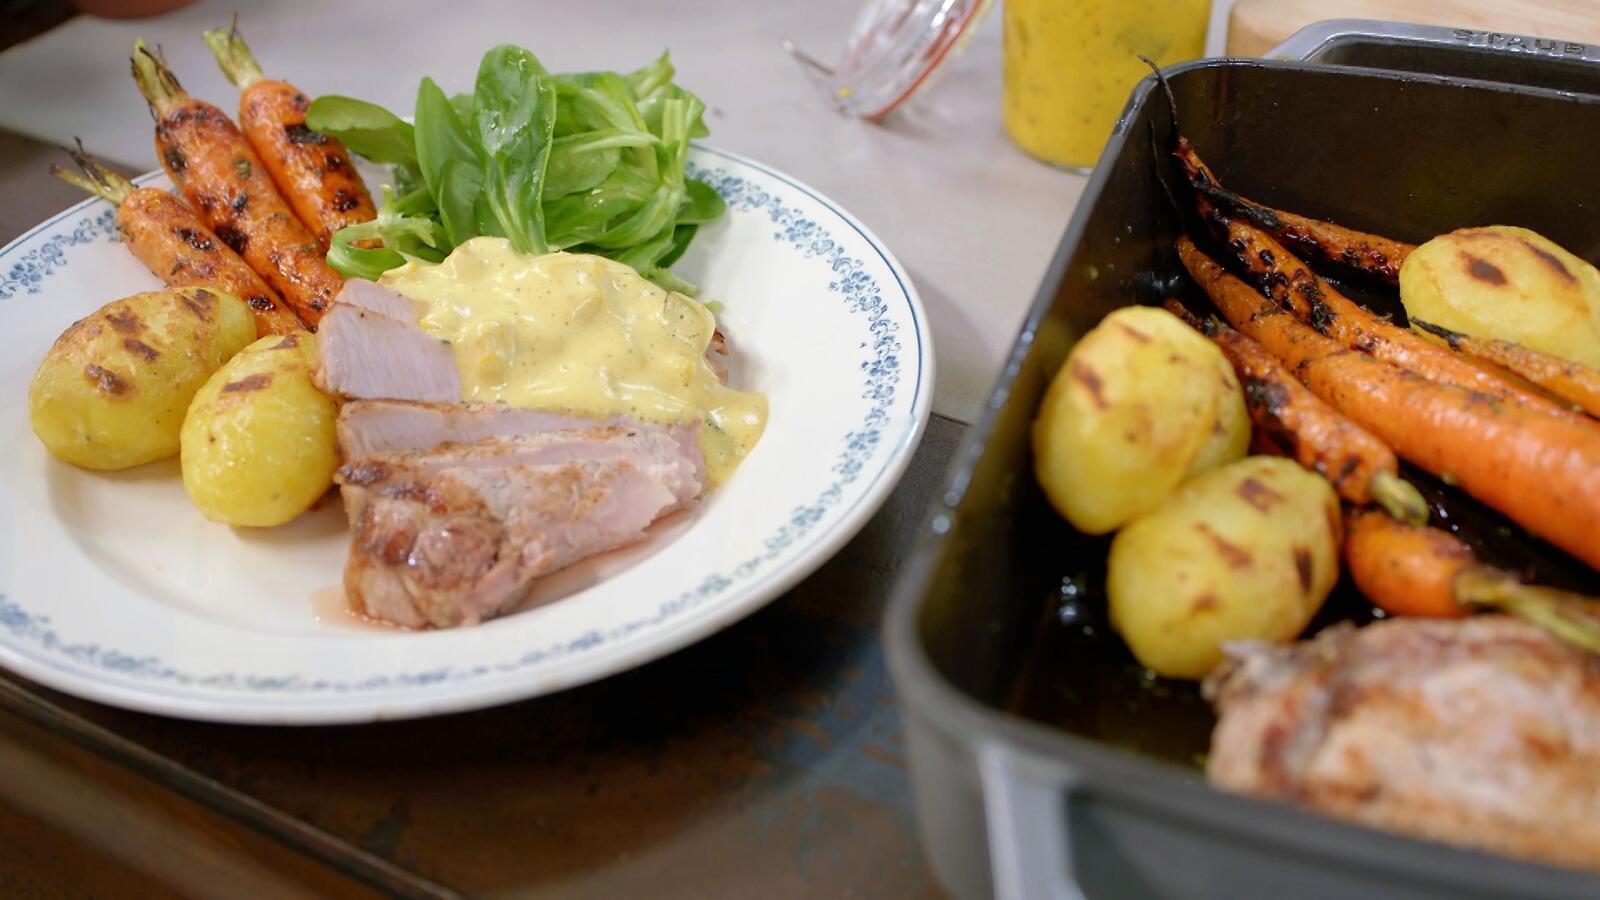 Varkenskotelet met jonge wortelen, picklesmousseline en aardappelen